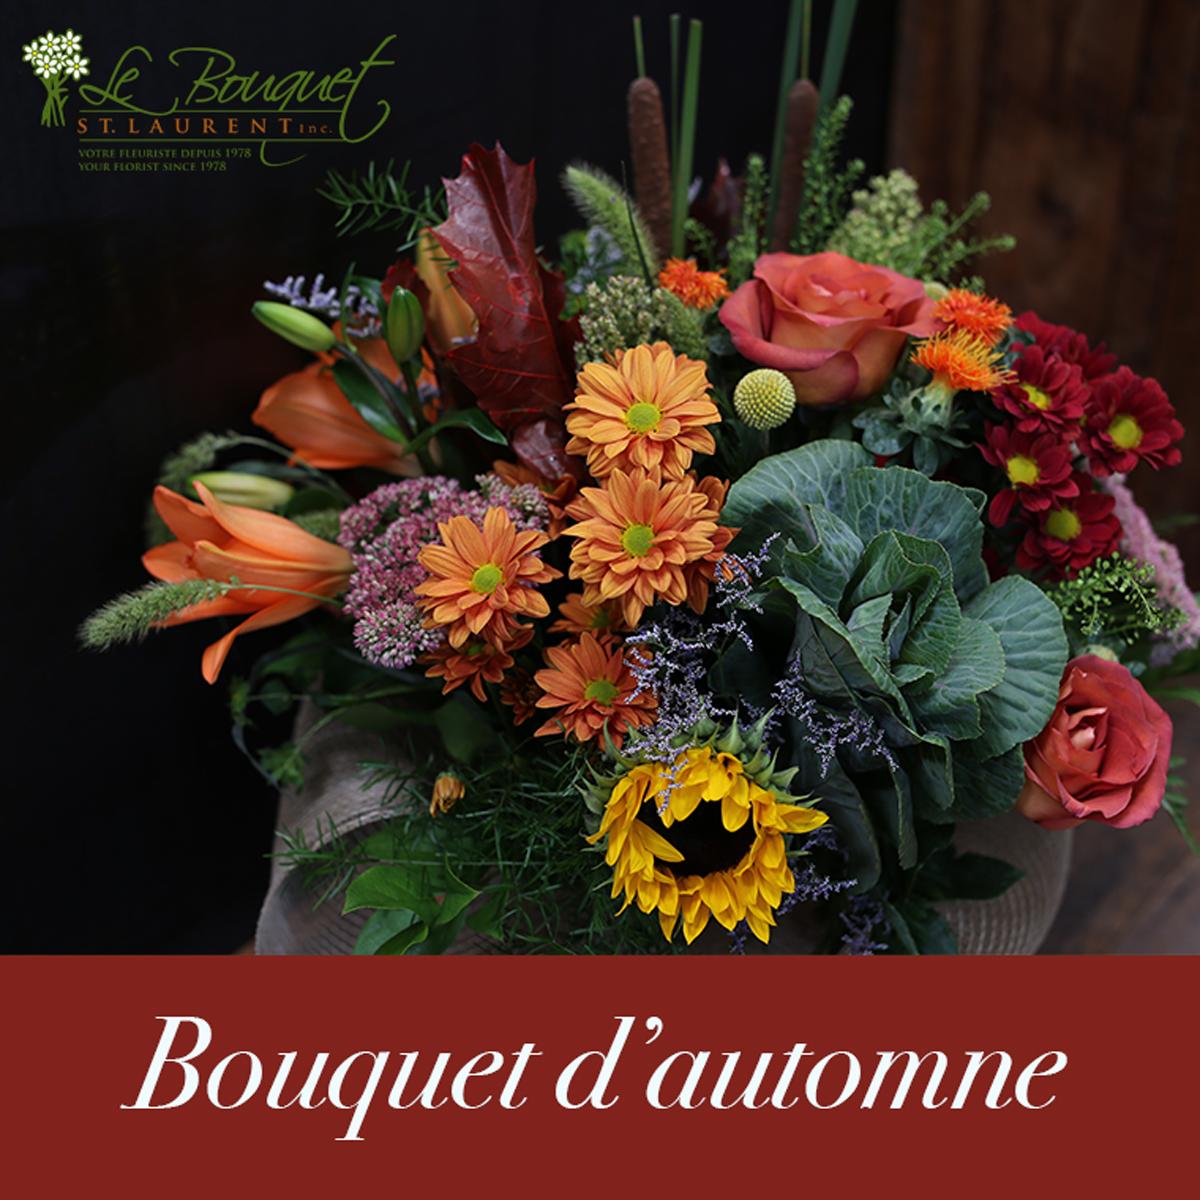 bouquet d 39 automne fleuriste le bouquet st laurent. Black Bedroom Furniture Sets. Home Design Ideas